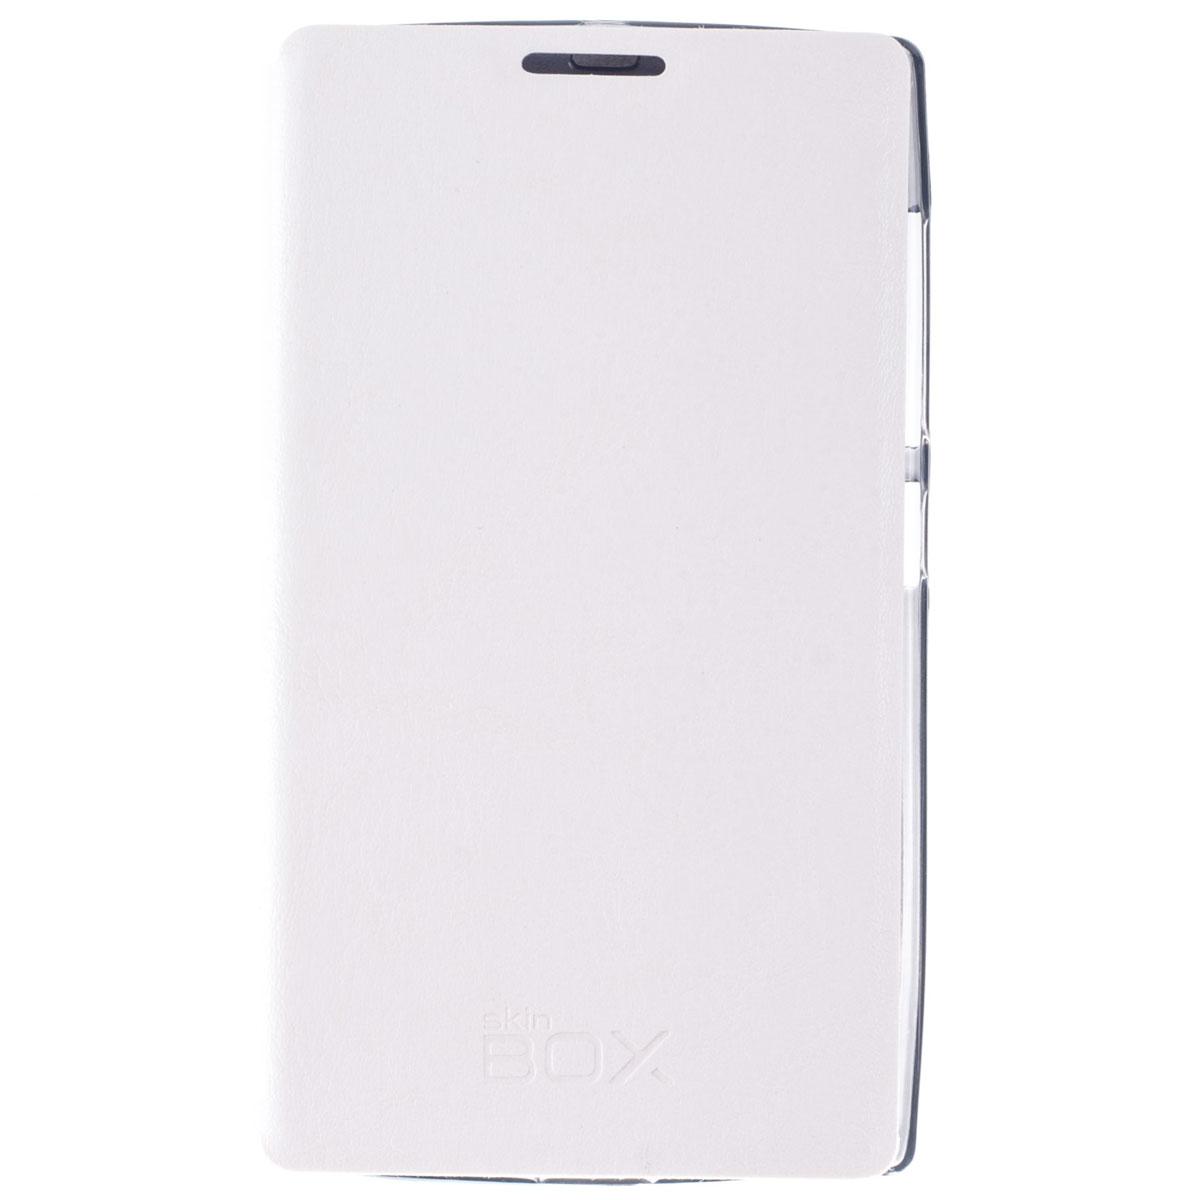 Skinbox Lux чехол для Microsoft Lumia 532, WhiteT-S-ML532-003Чехол Skinbox Lux выполнен из высококачественного поликарбоната и экокожи. Он обеспечивает надежную защиту корпуса и экрана смартфона и надолго сохраняет его привлекательный внешний вид. Чехол также обеспечивает свободный доступ ко всем разъемам и клавишам устройства.